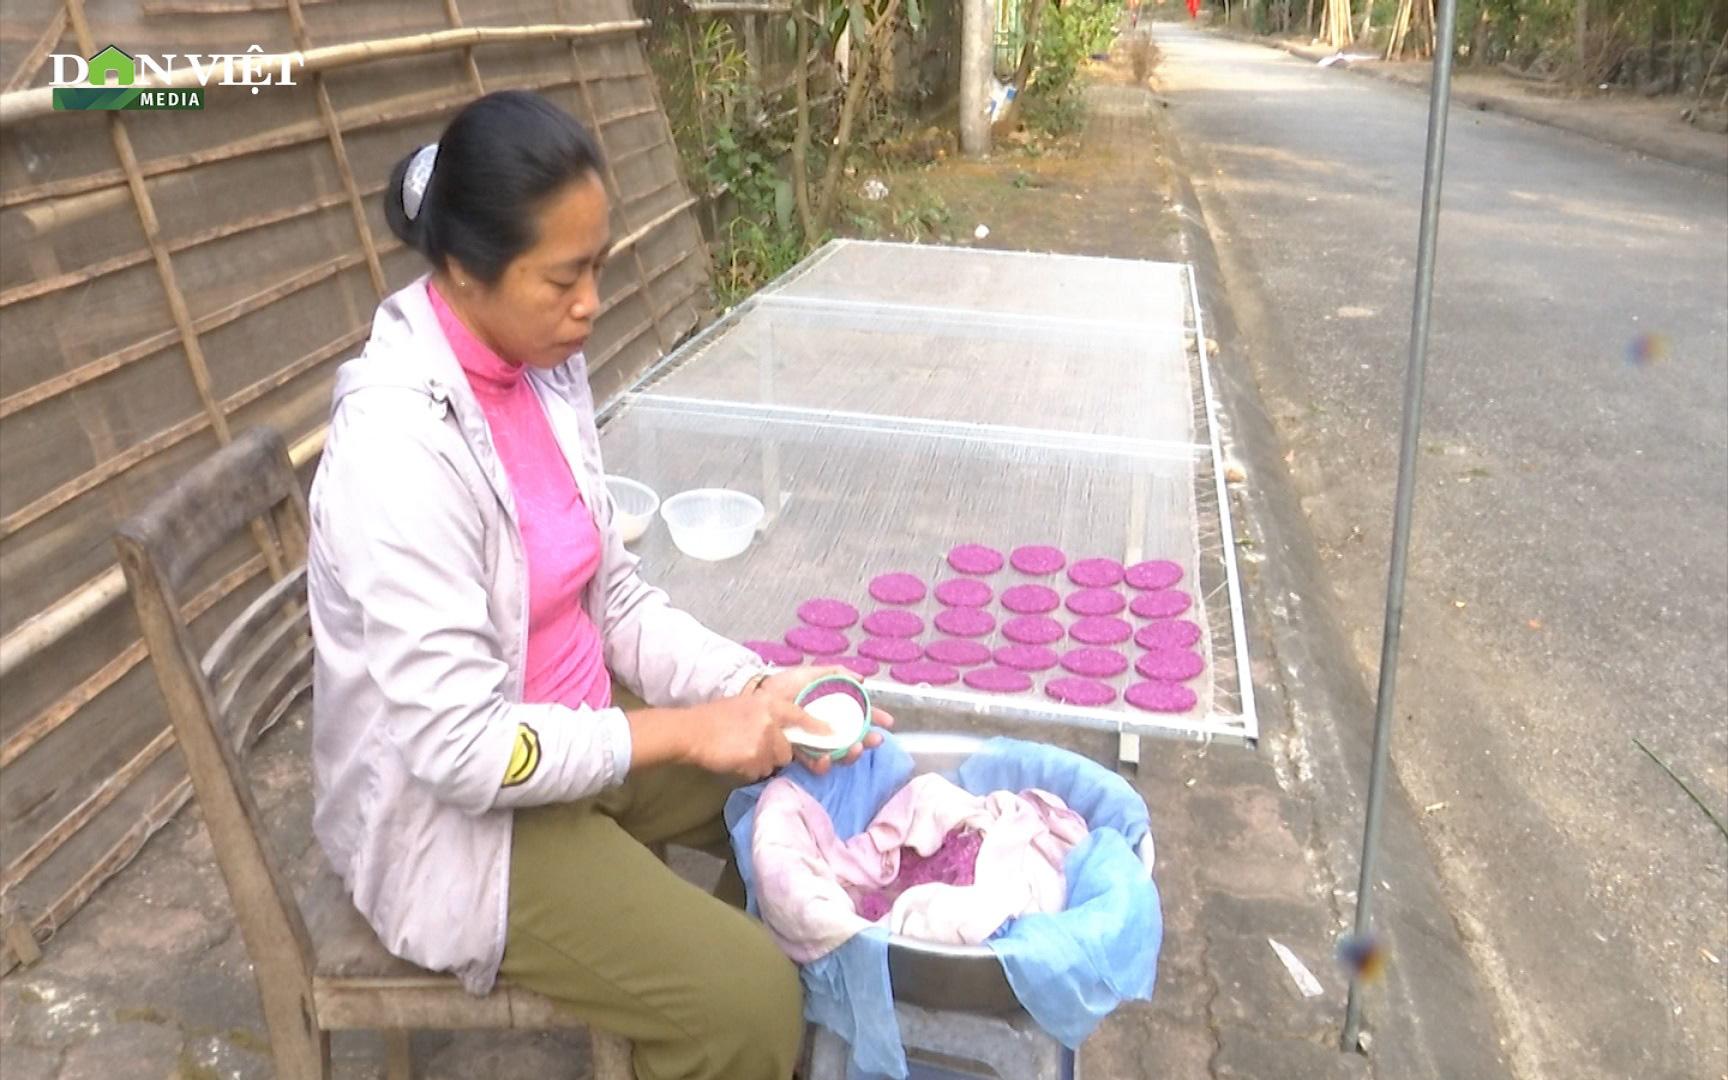 Điện Biên: Khẩu xén, khẩu chí chọp - đặc sản hương vị tết của đồng bào Thái trắng - Ảnh 4.